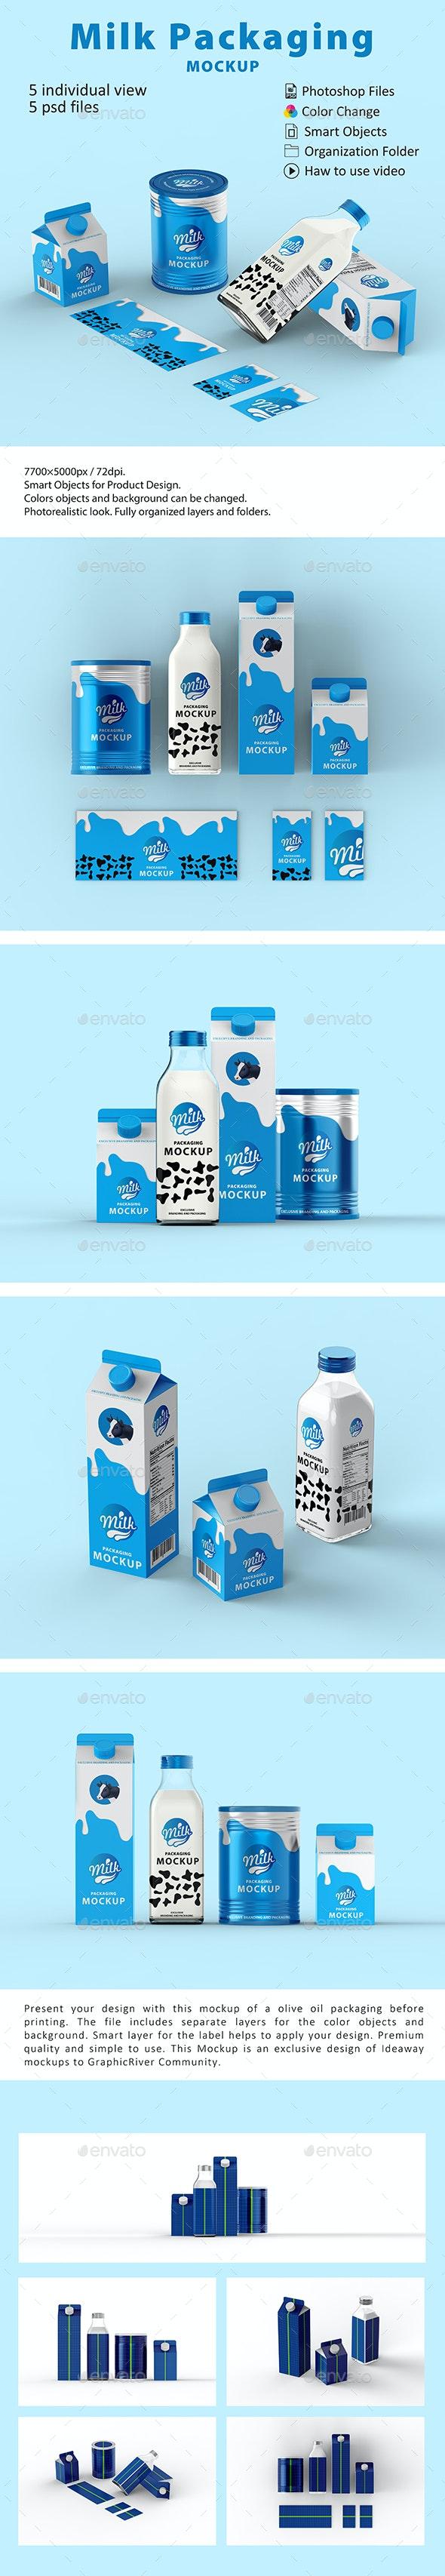 Milk Packaging Mockup - Food and Drink Packaging